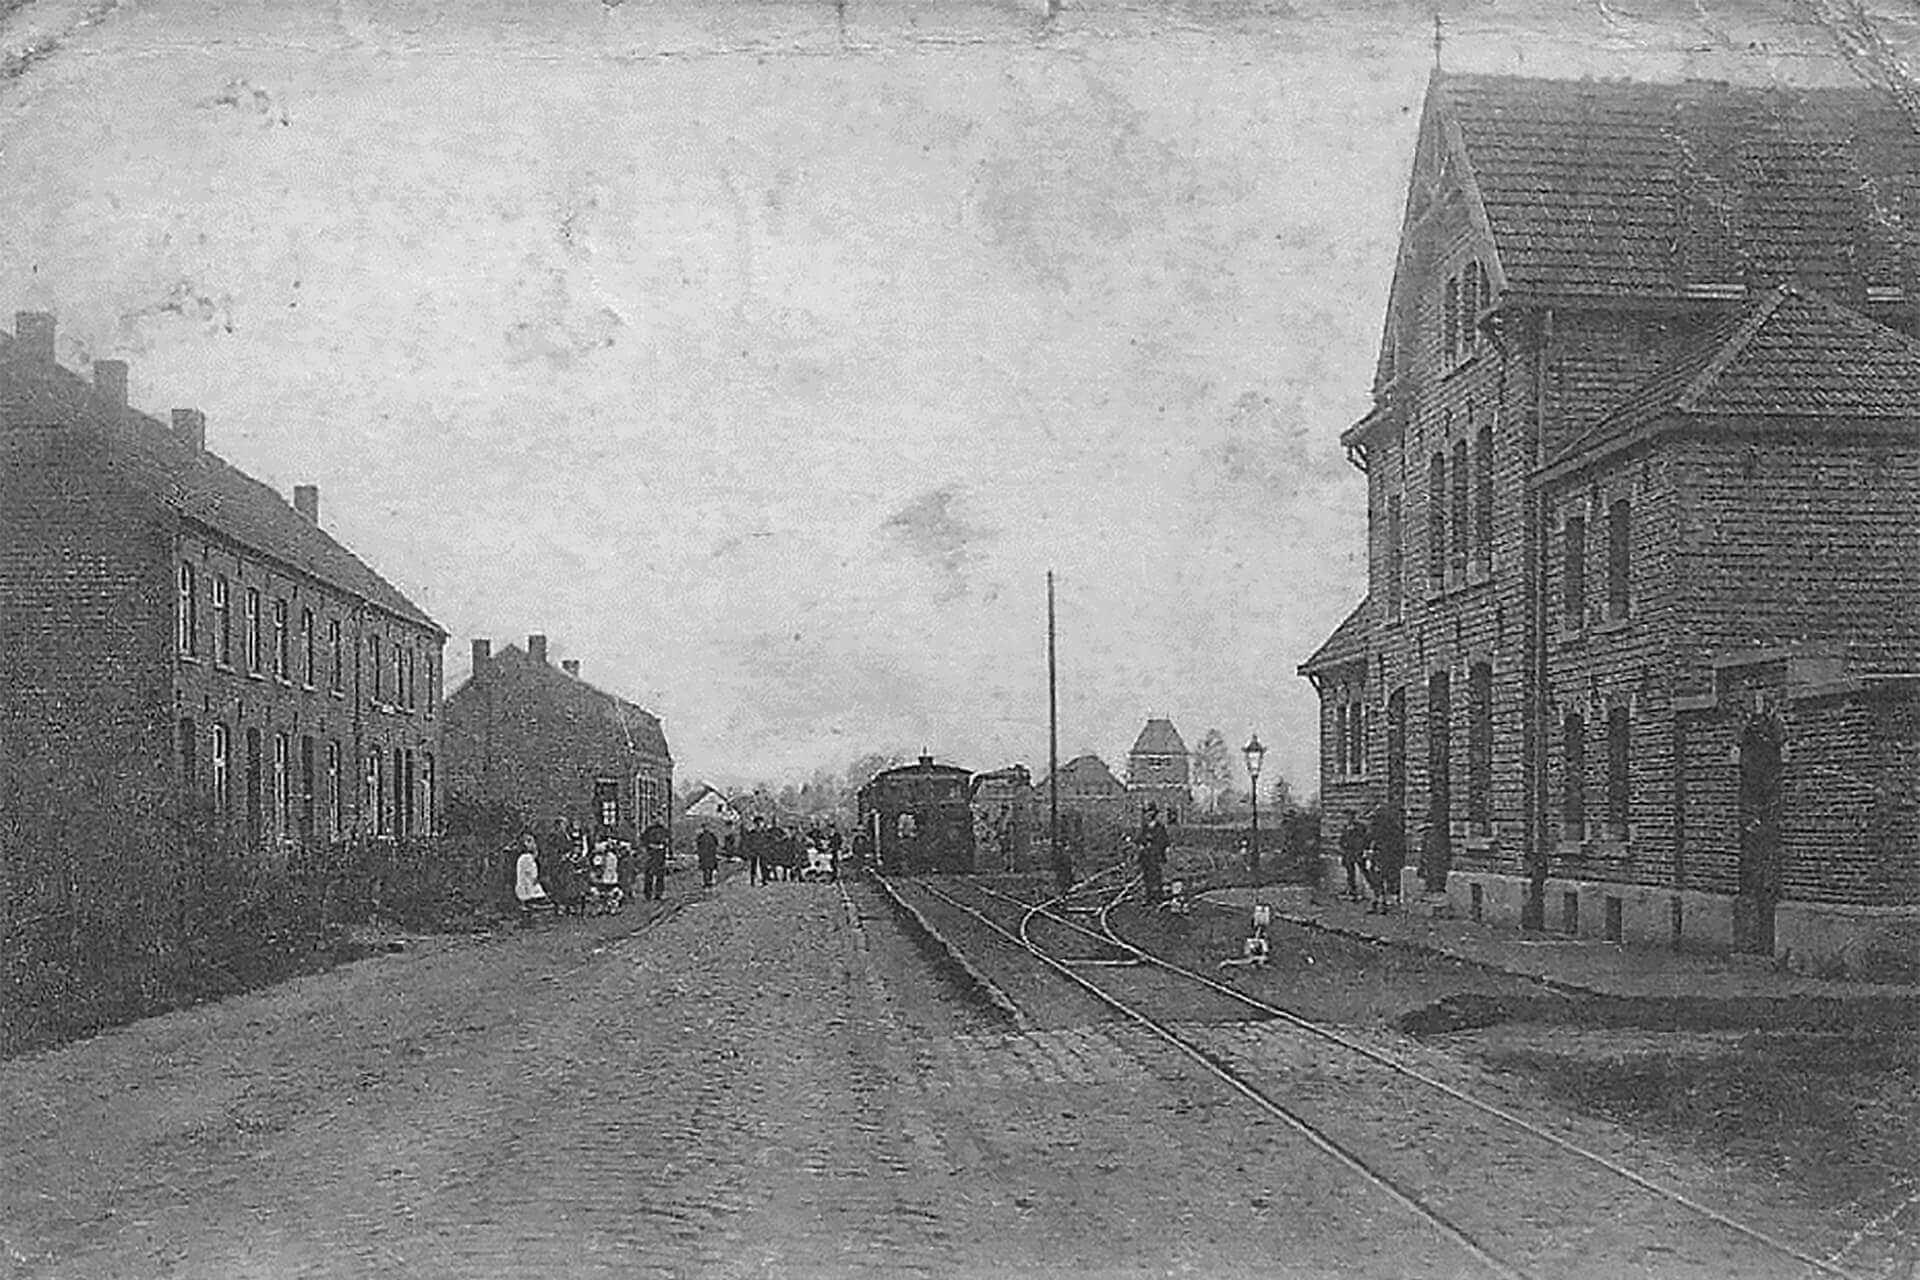 koersel-station-geschiedenis-remise